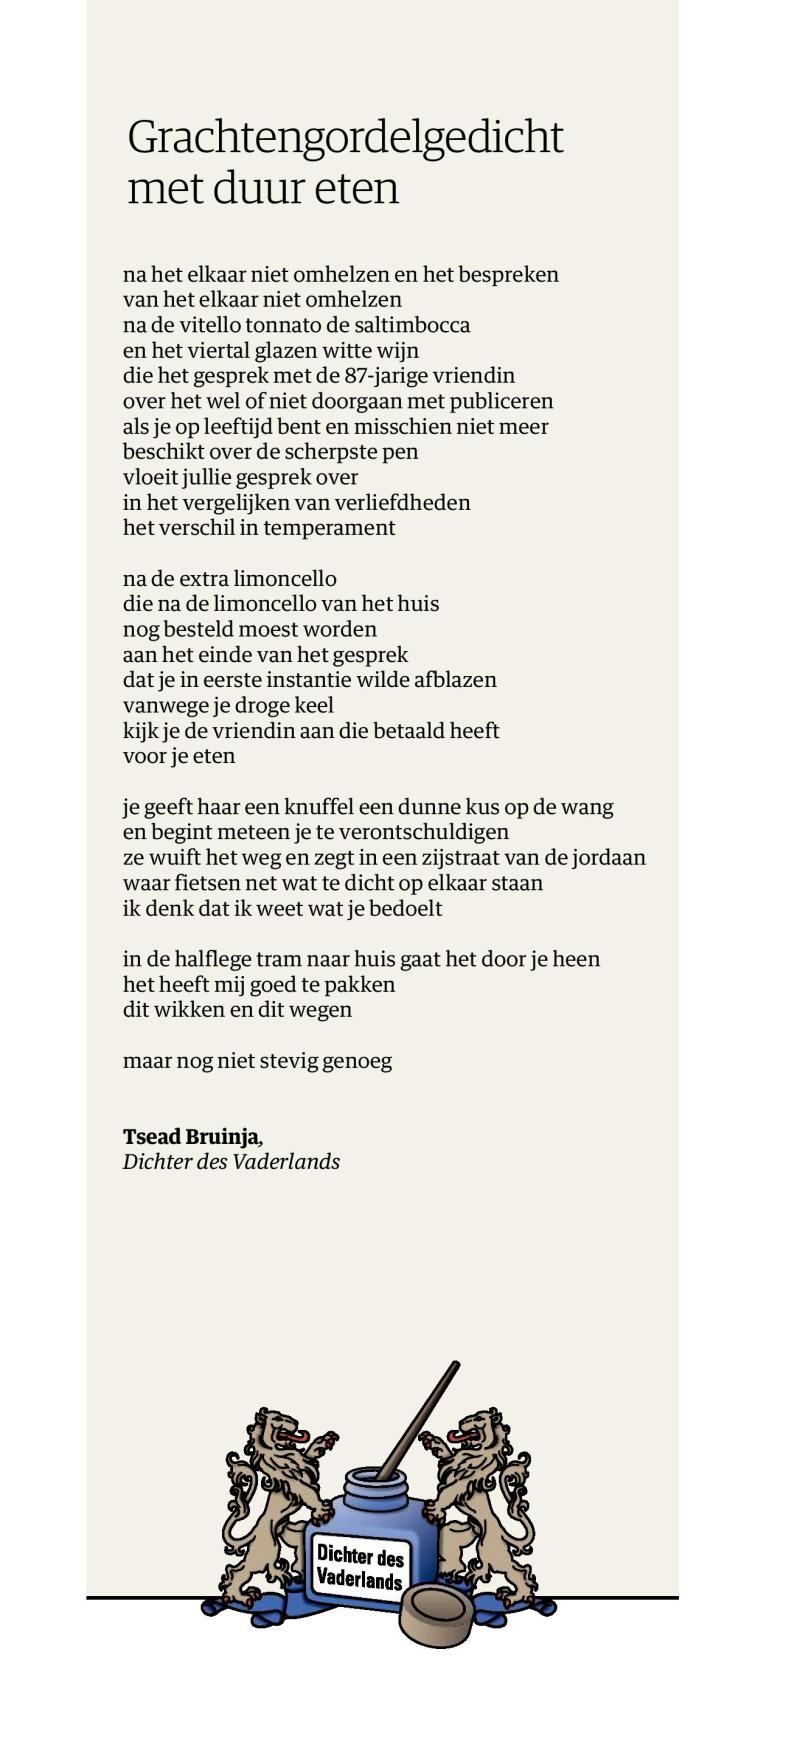 Nrc-handelsblad-20200316-4222601-page-001